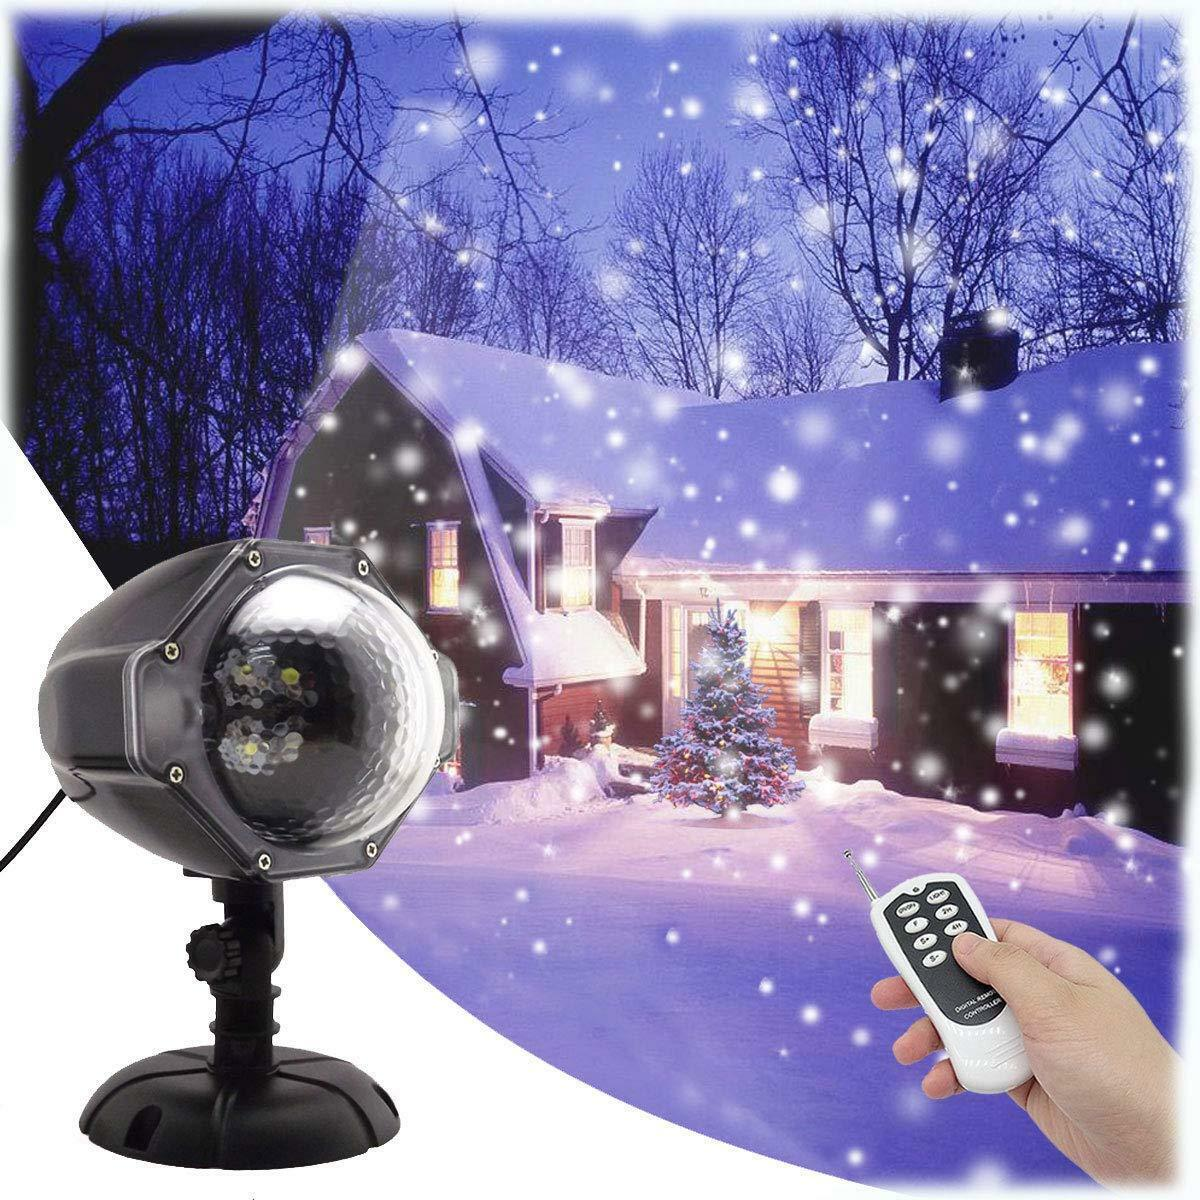 GESIMEI Proyector Luces Navidad LED Efecto Nieve Control Remoto y Temporizador